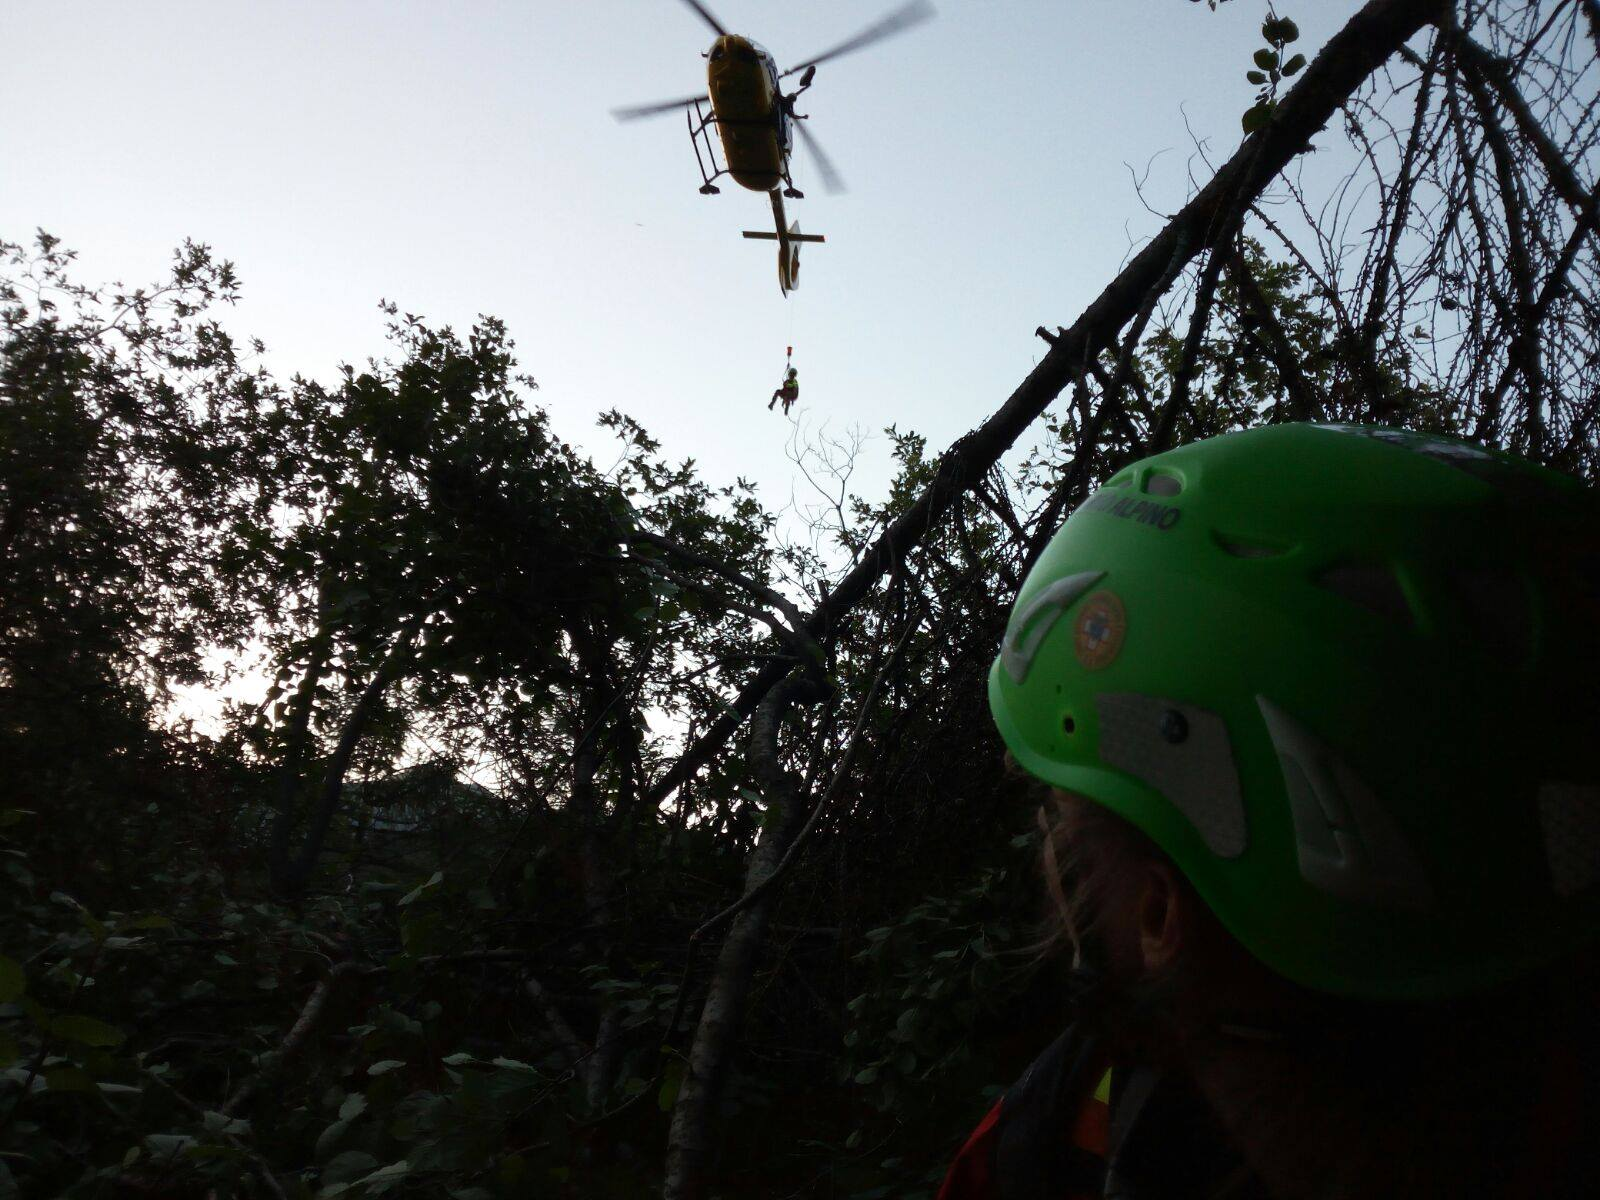 Come si interviene su pazienti traumatici in alta montagna? - Presidi, consigli ed esperienze | Emergency Live 16